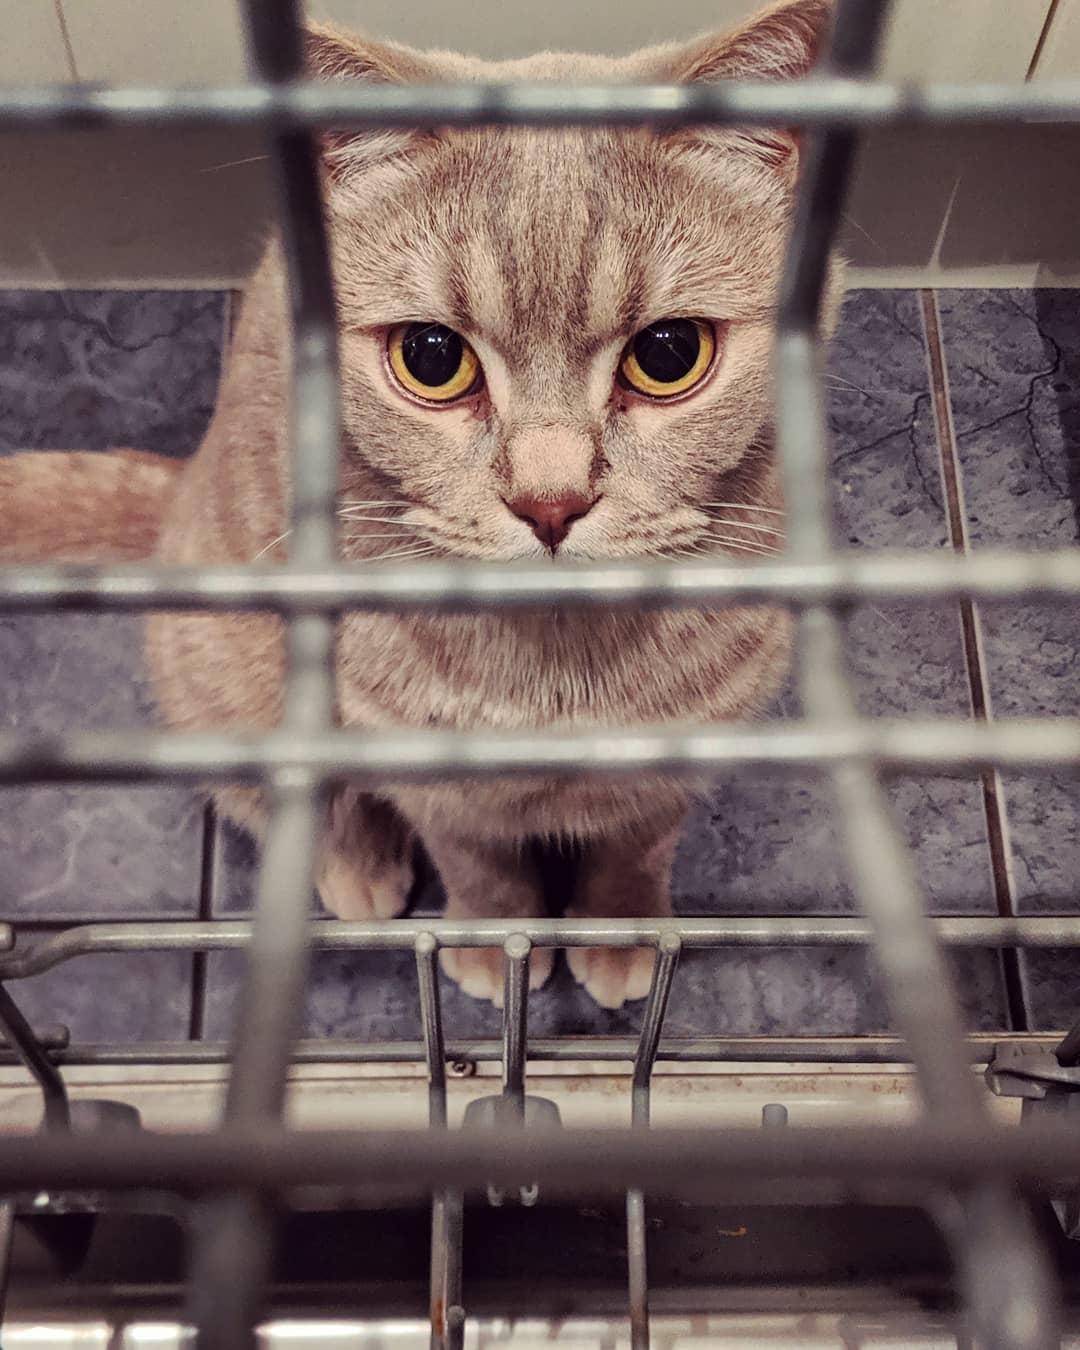 洗碗机和猫